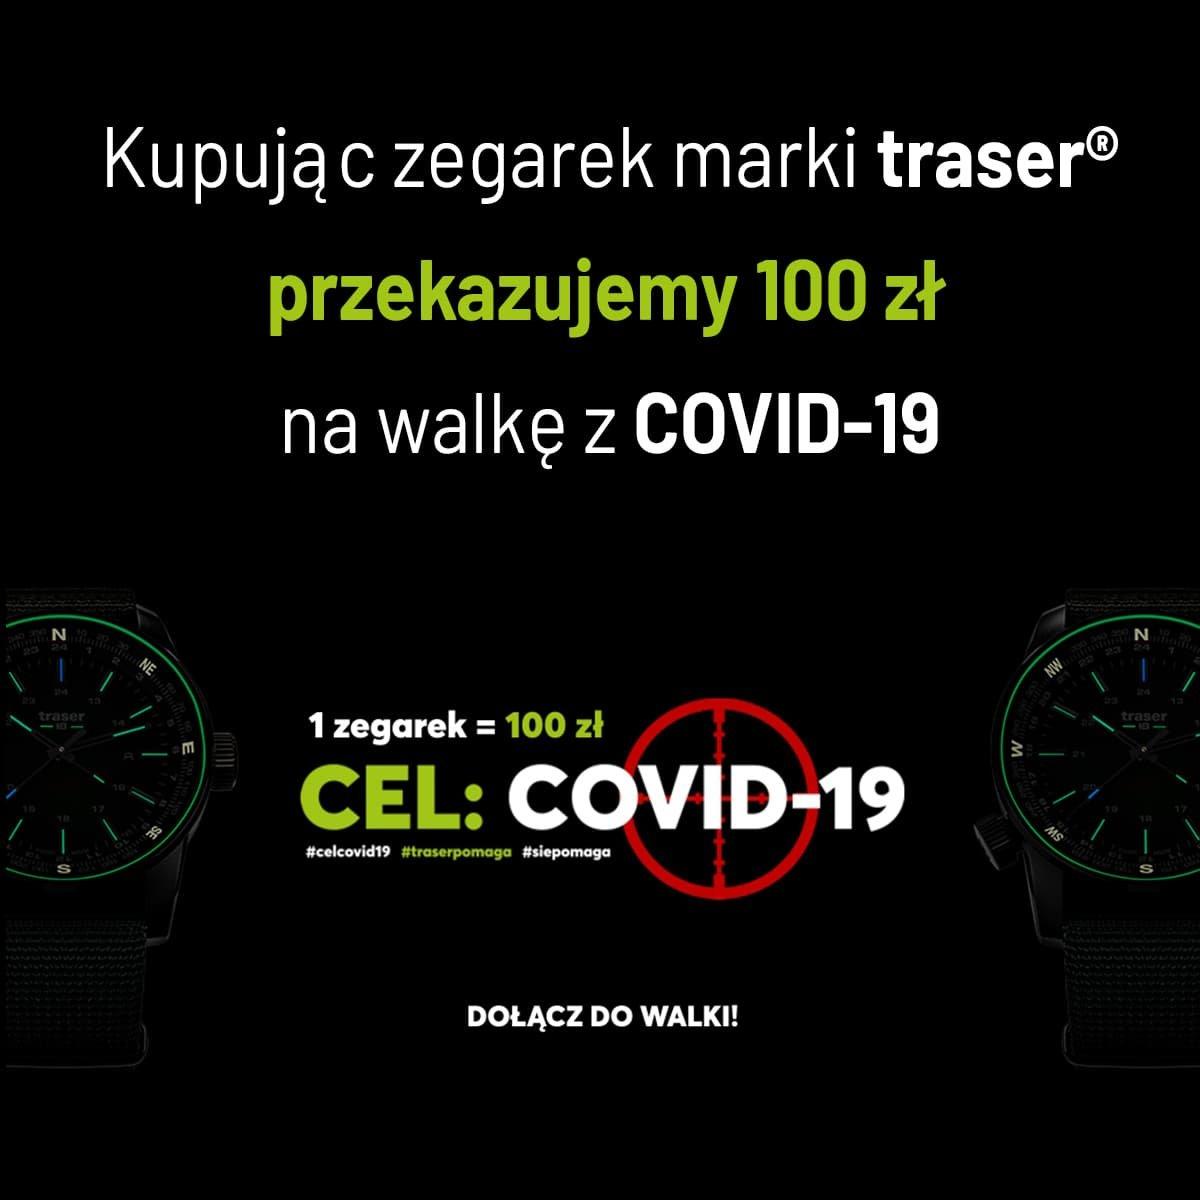 Akjca cel Covid19 - Traser